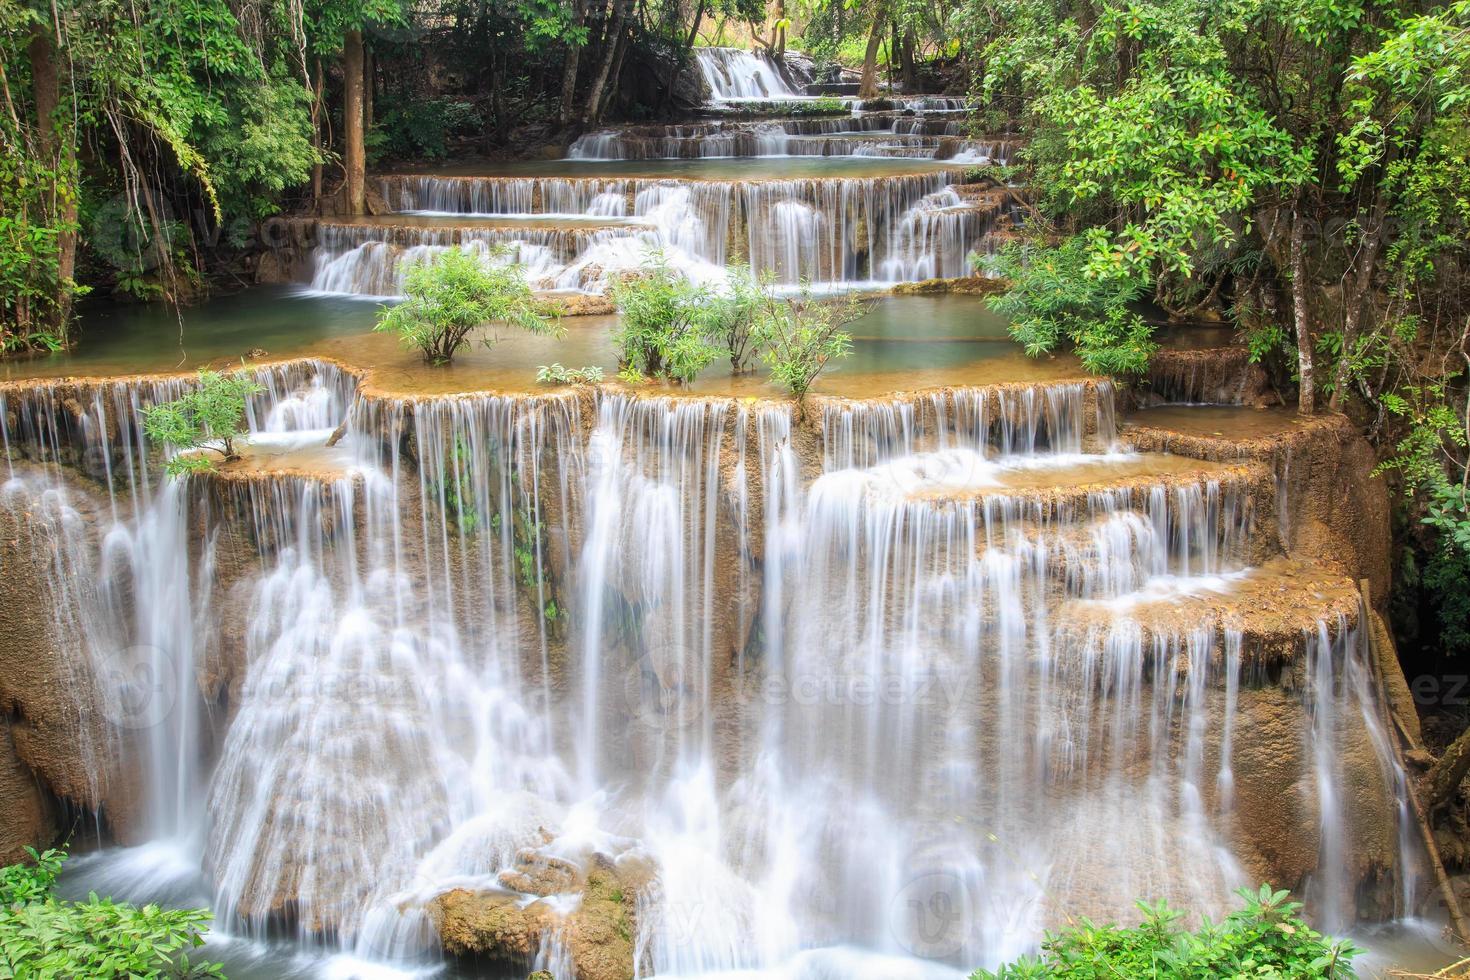 cachoeira huai mae khamin em floresta densa foto